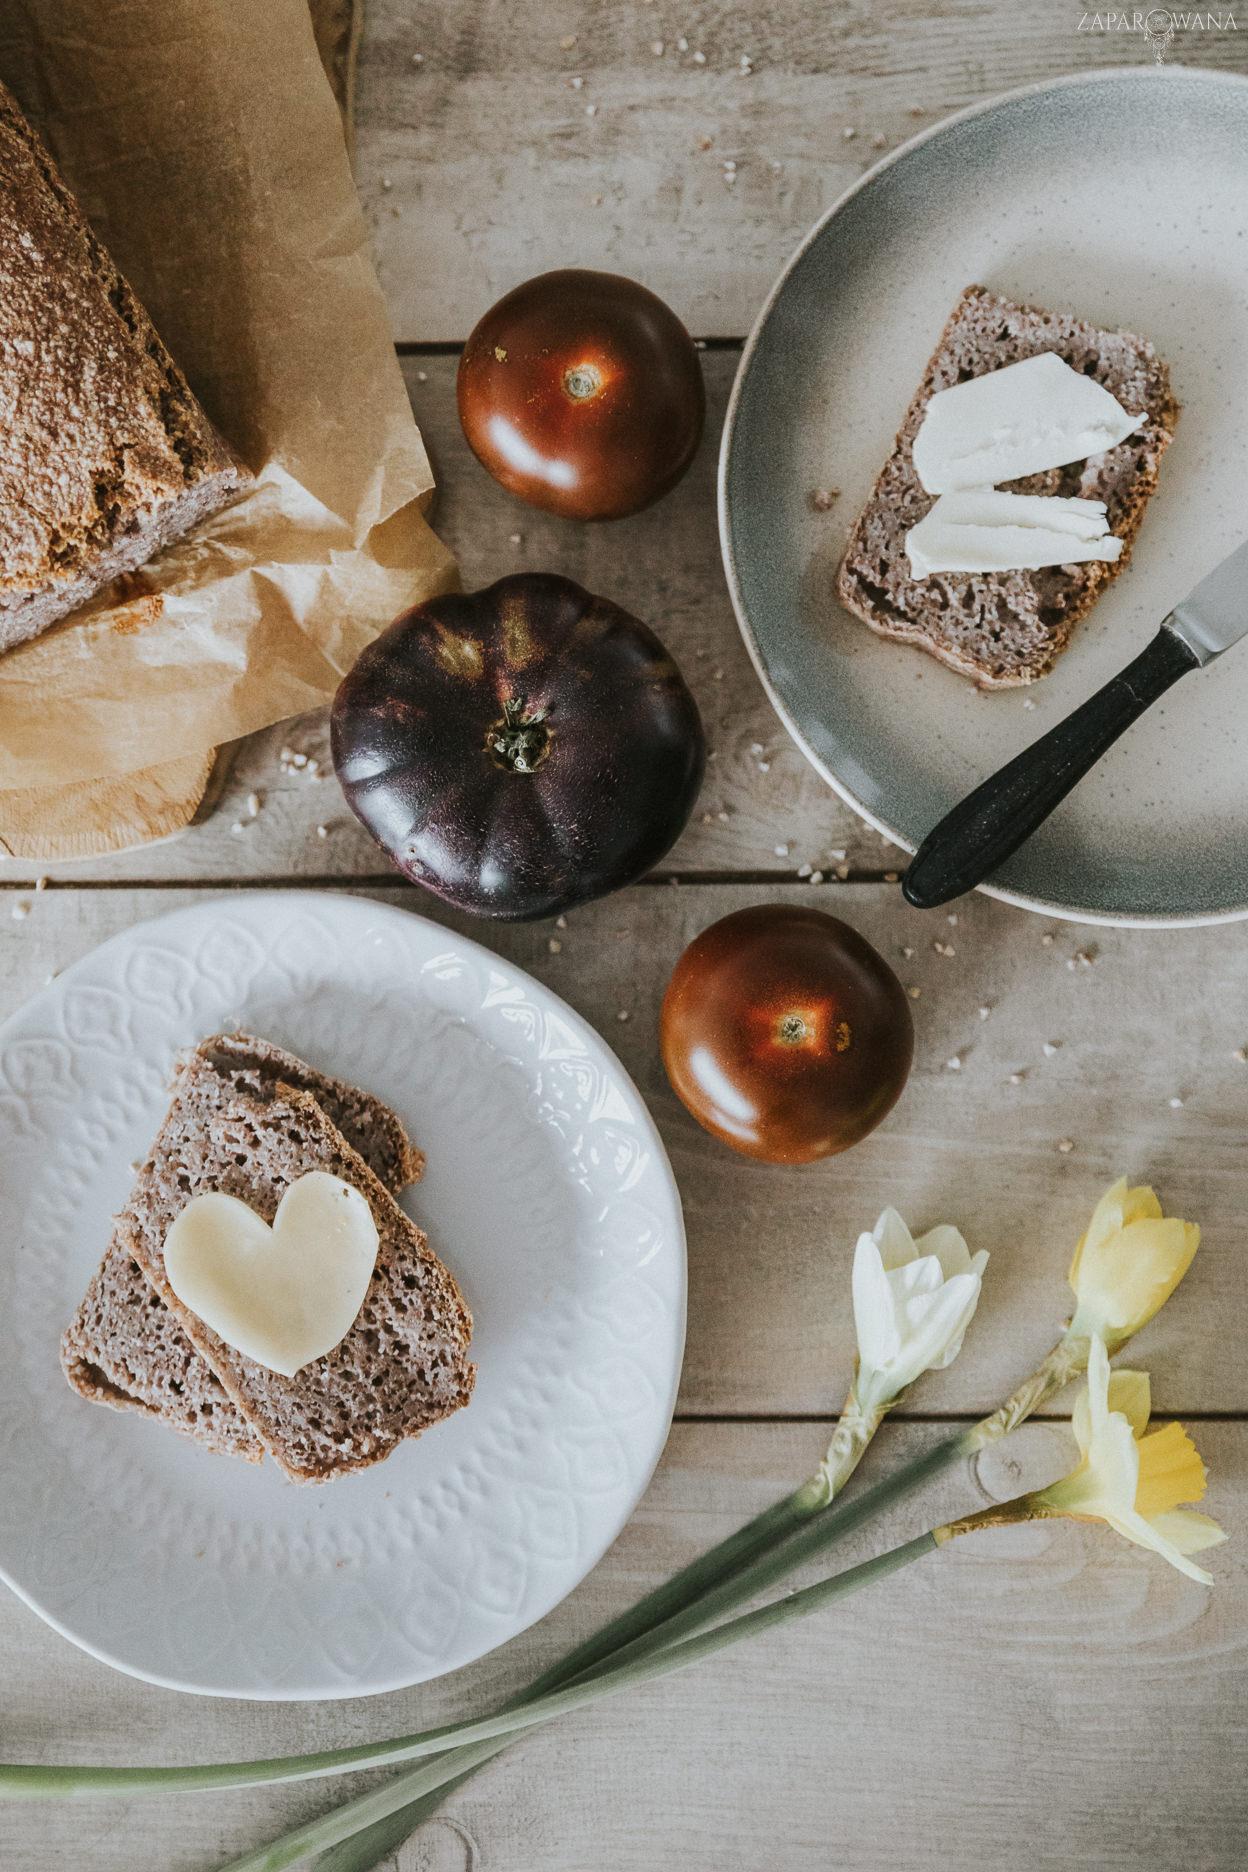 004 - ZAPAROWANA - Bezglutenowy chleb gryczany